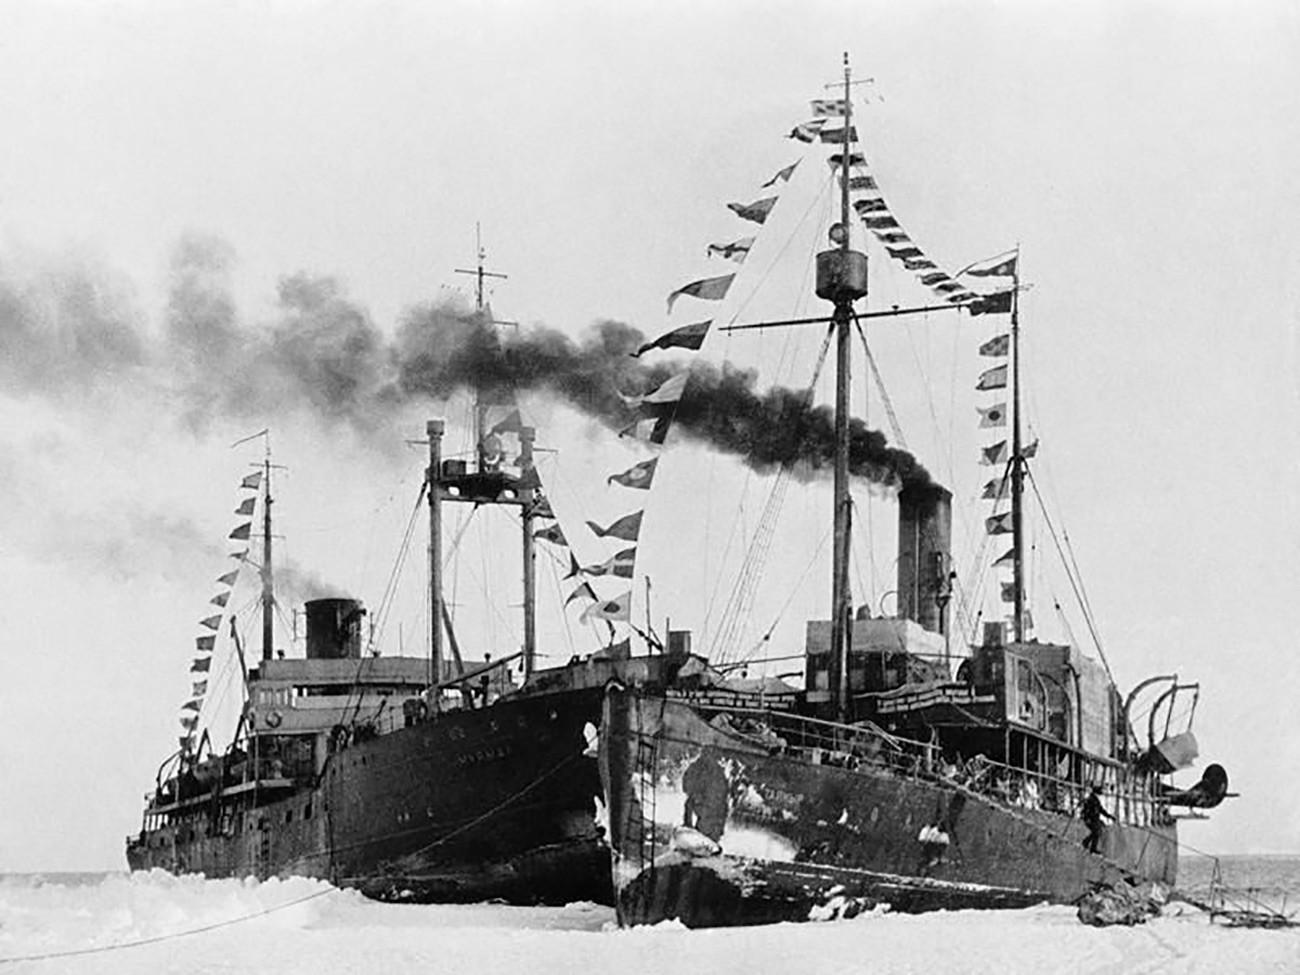 """Ледоломци на парни погон """"Мурман"""" и """"Тајмир"""" поред санте на којој се налазила станица """"Северни пол 1"""". Гренландско море."""